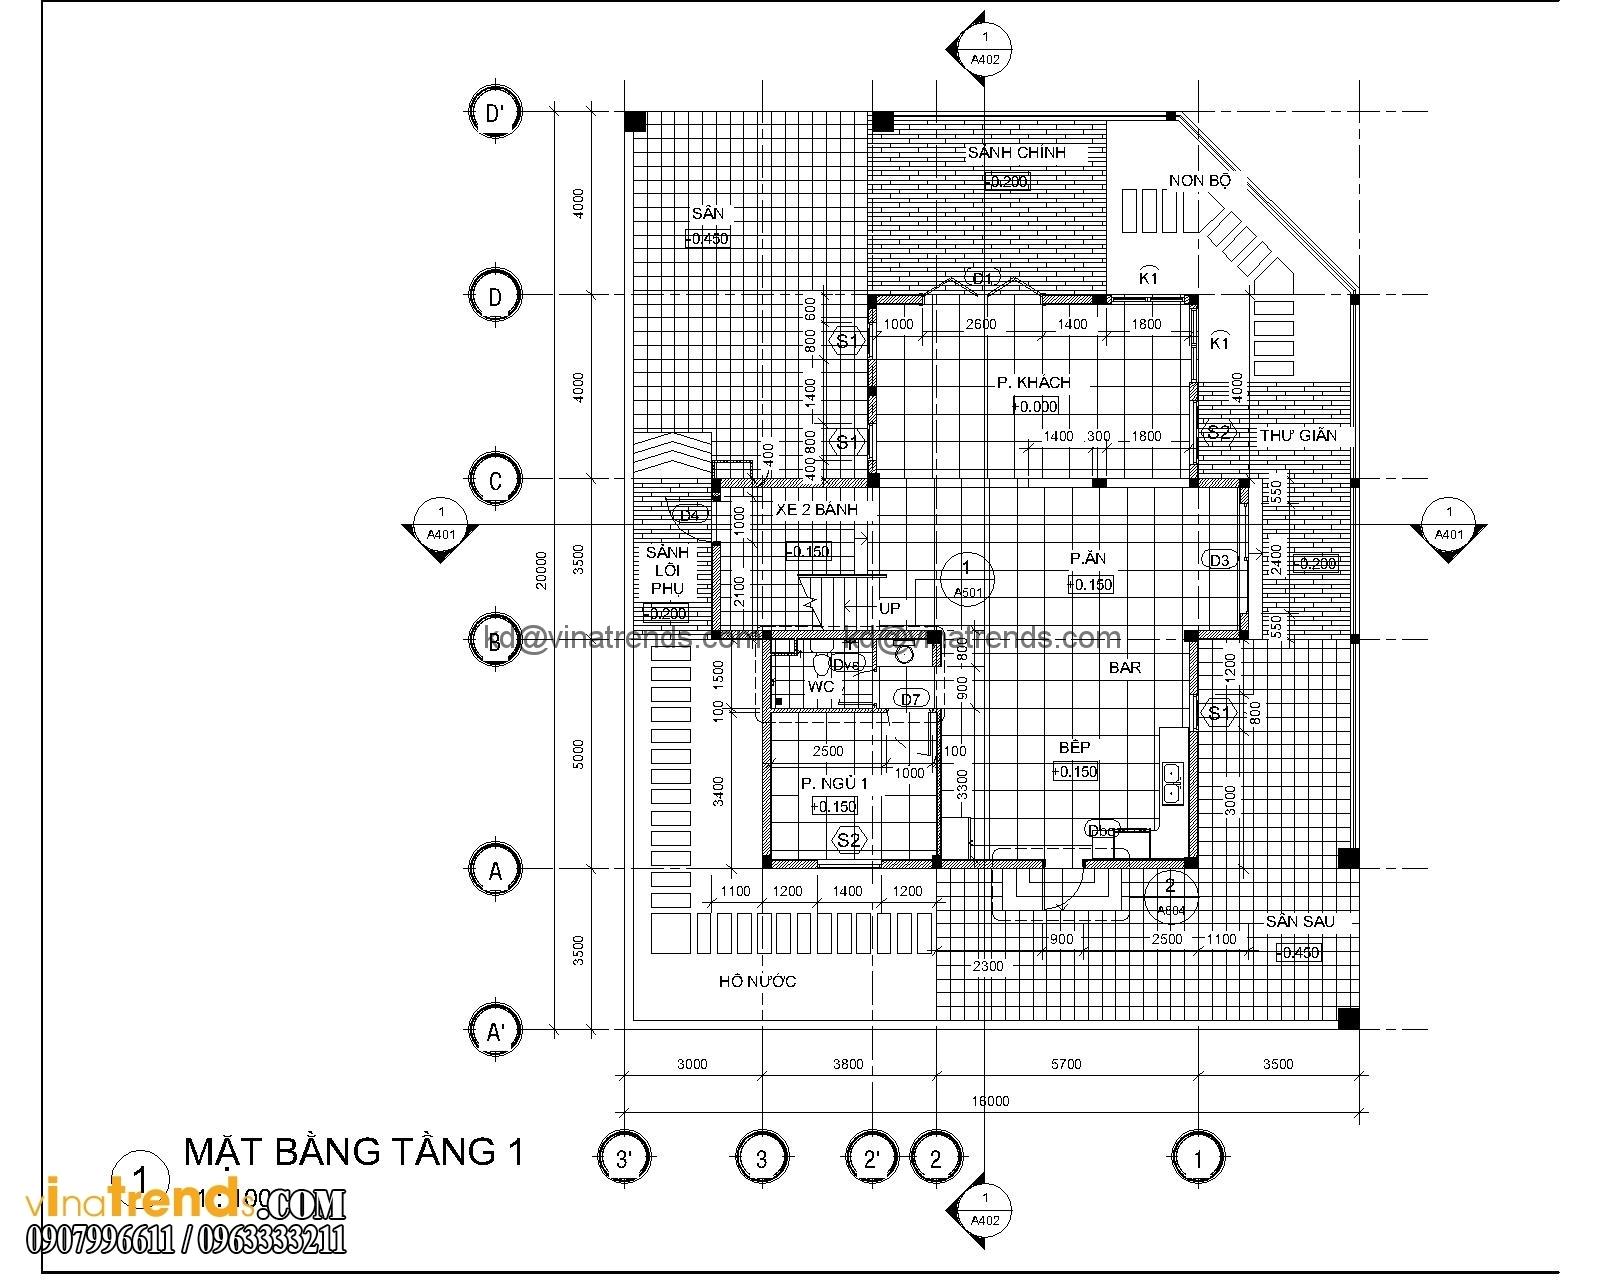 mat bang biet thu hien dai 3 tang 18x20m 6 Kiêu sa mẫu biệt thự vườn hiện đại 3 tầng 120m2 đẹp sang trọng cho bạn   BTVHD250416